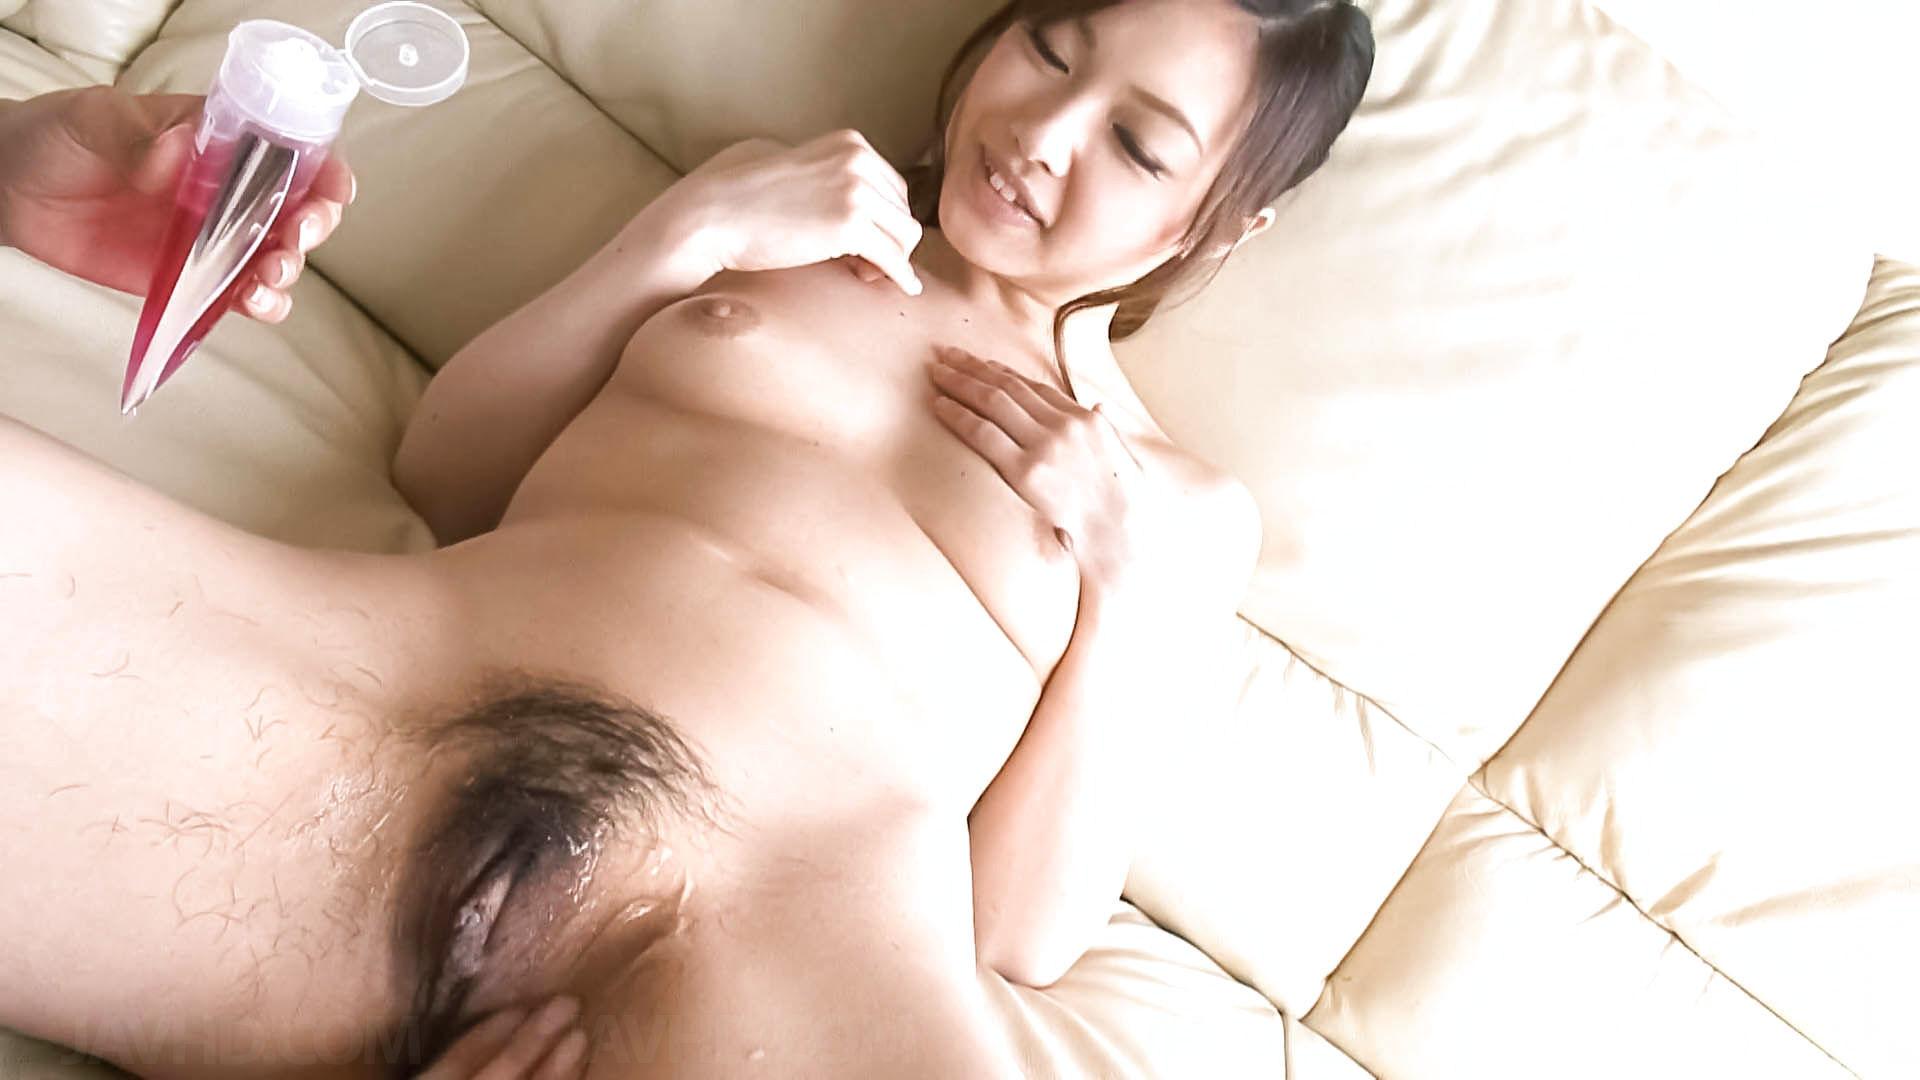 расстраивайтесь, если порно фото кореянки небритой меня моя бывшая